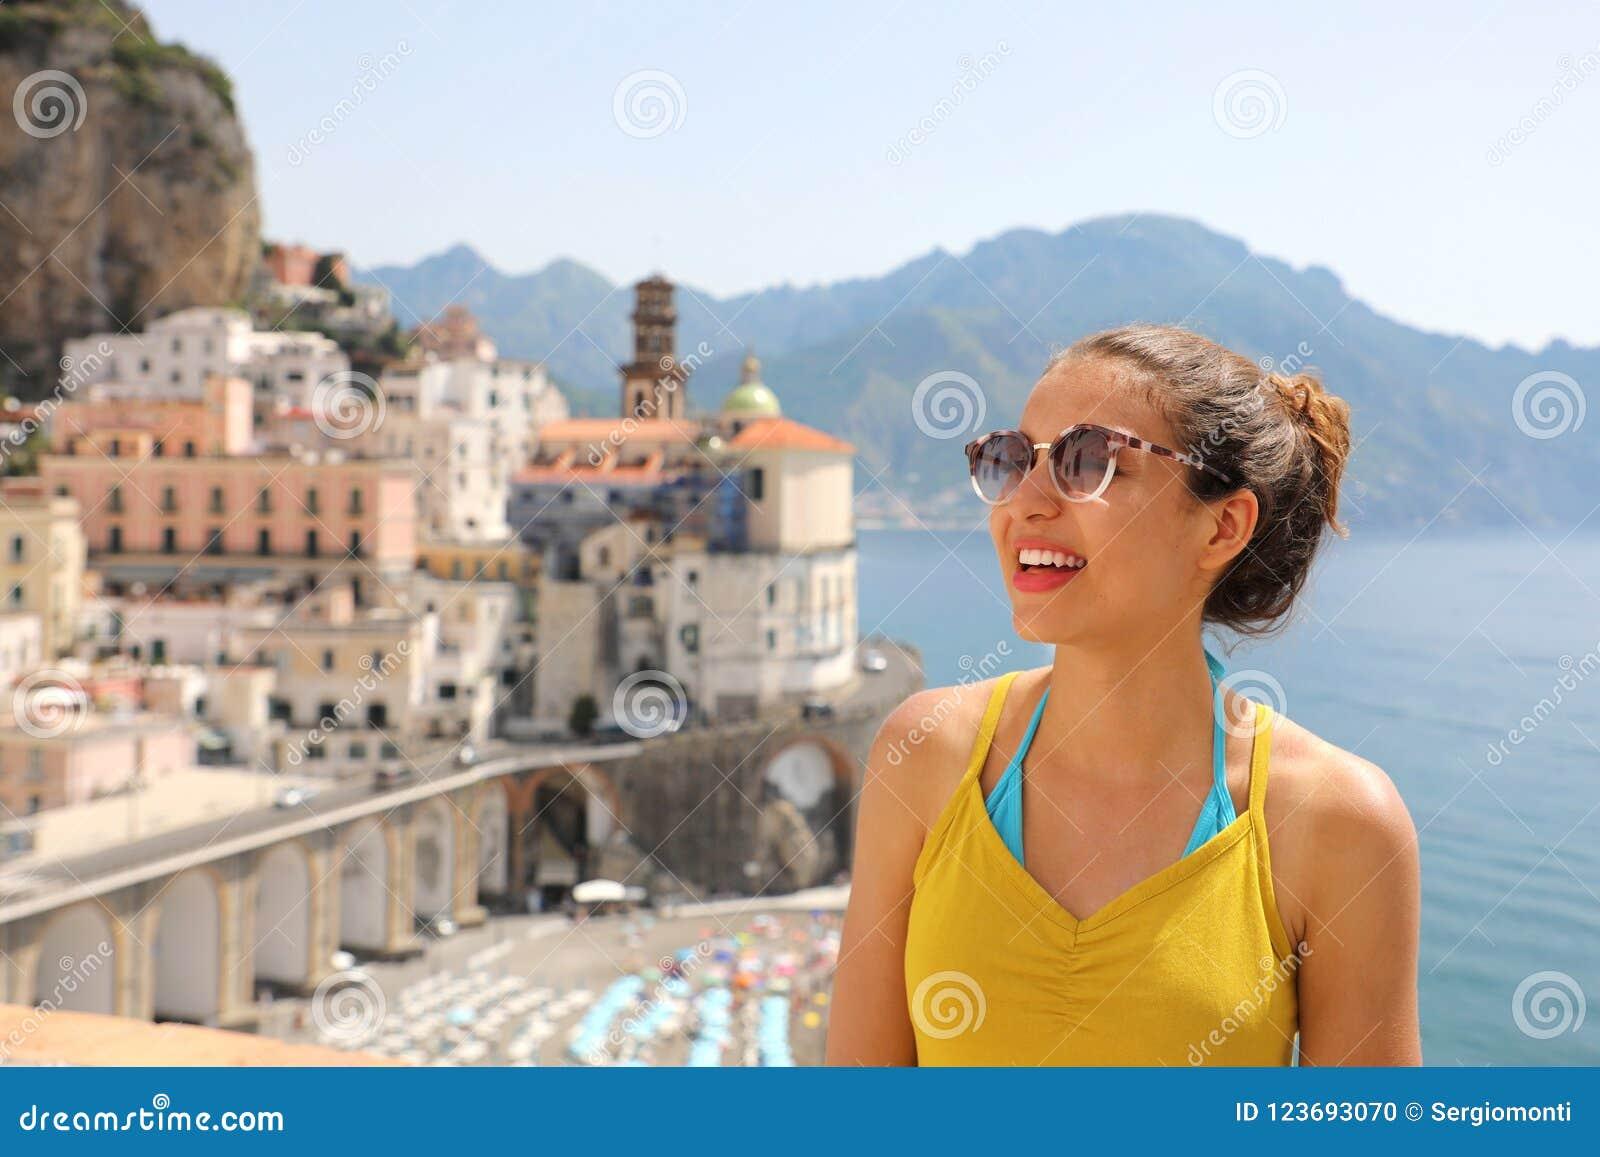 Portrait de jeune femme de sourire avec des lunettes de soleil dans le village d Atrani, côte d Amalfi, Italie Photo de touriste